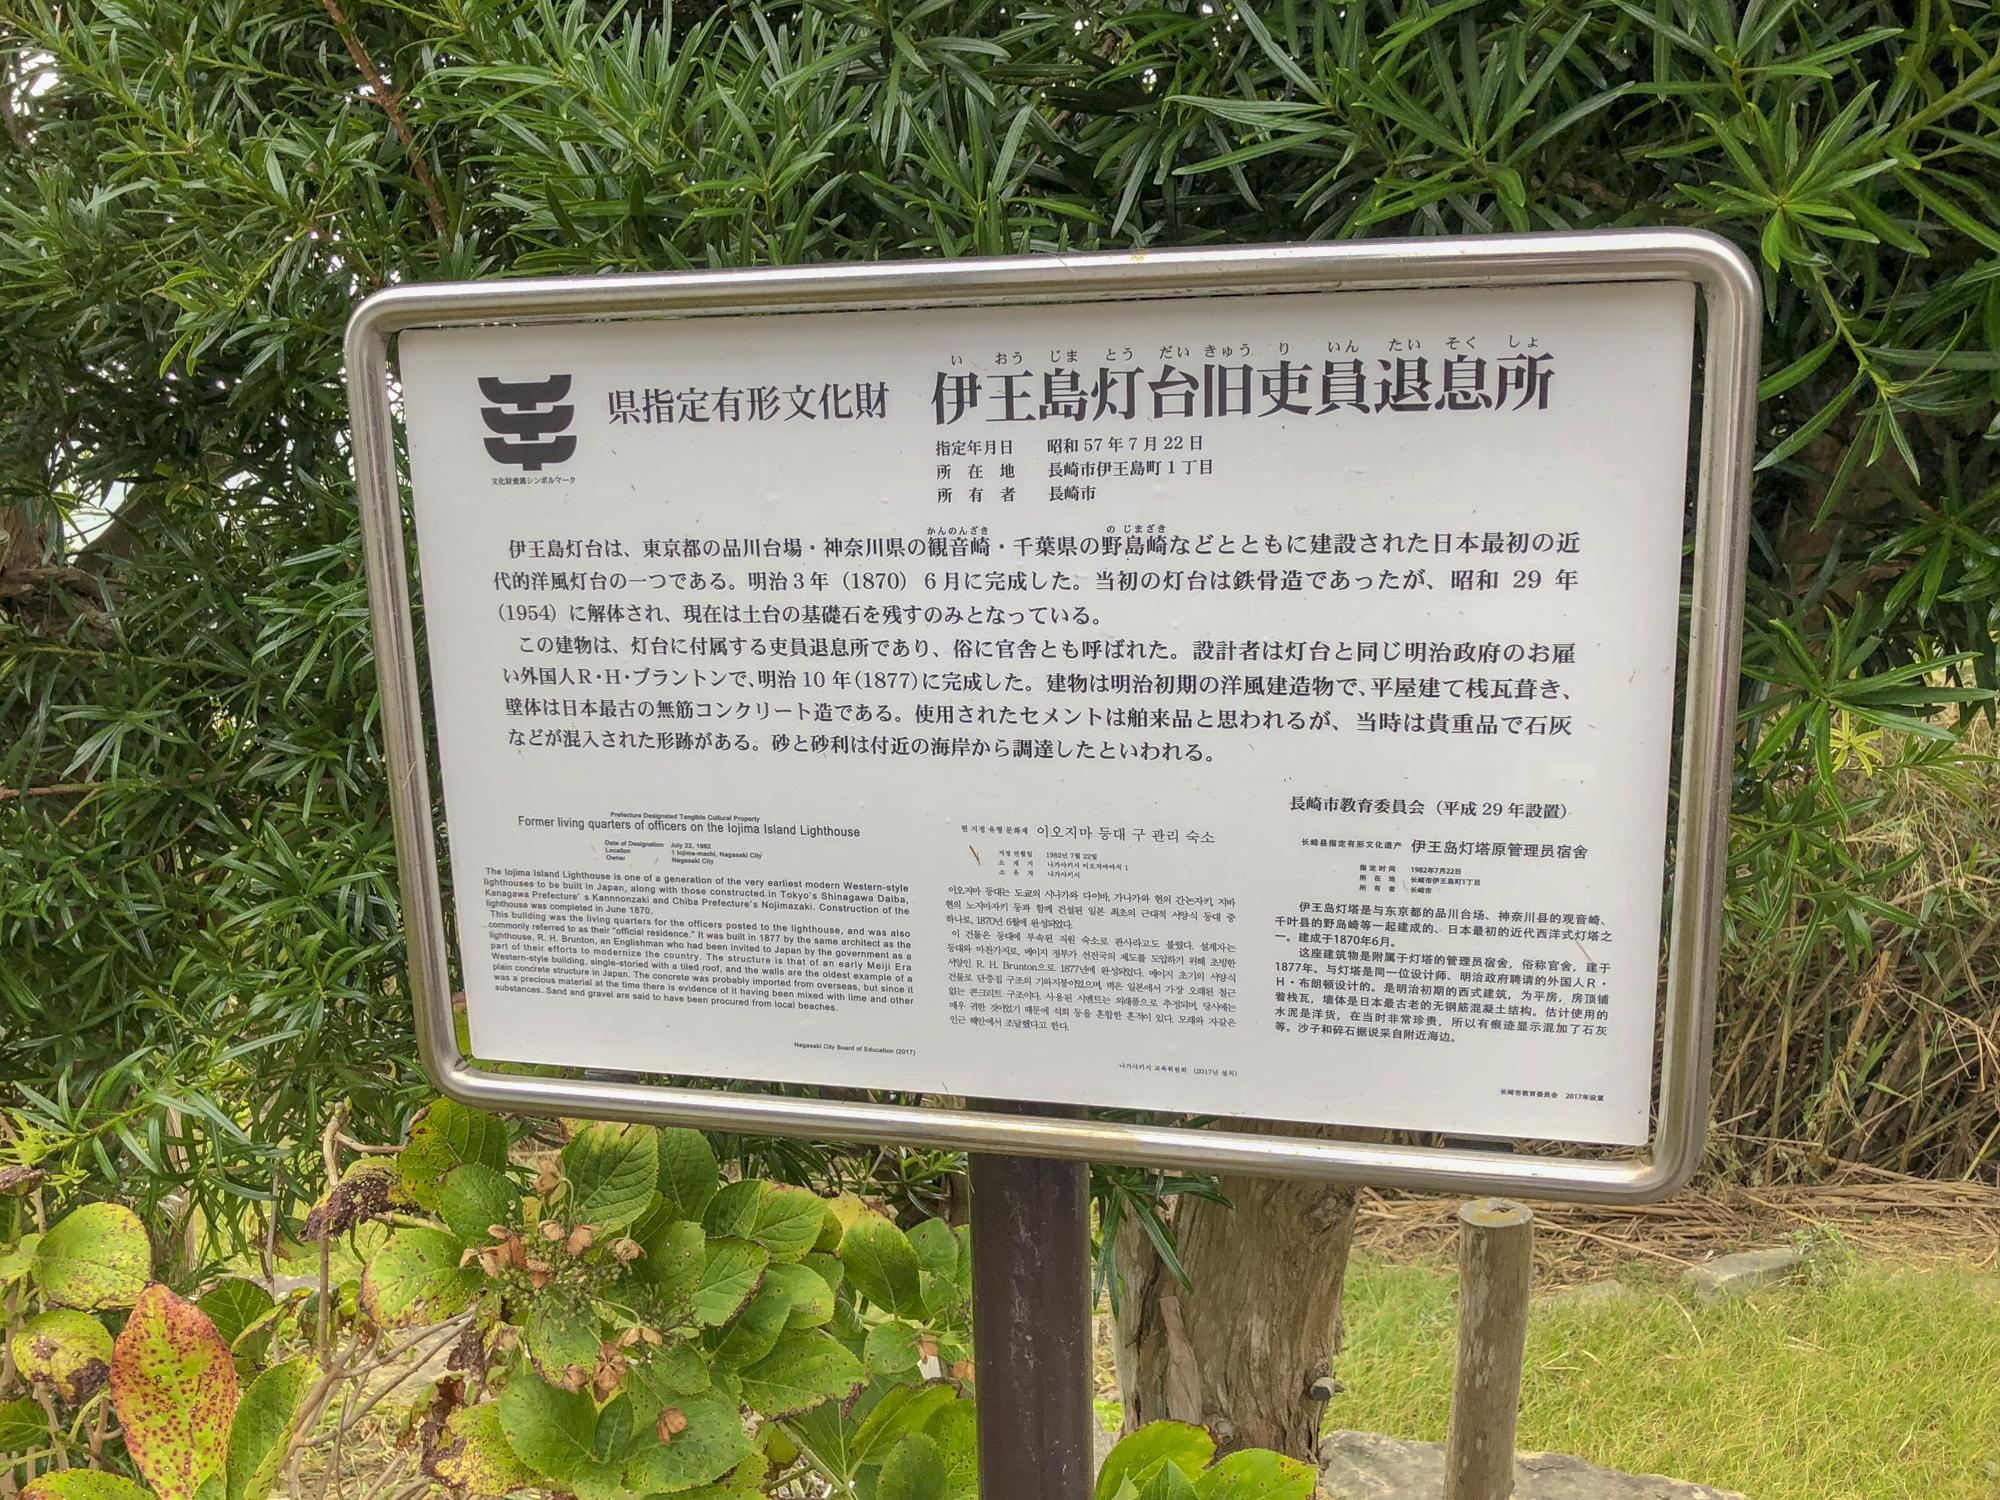 f:id:mitatowa:20181009232204j:plain